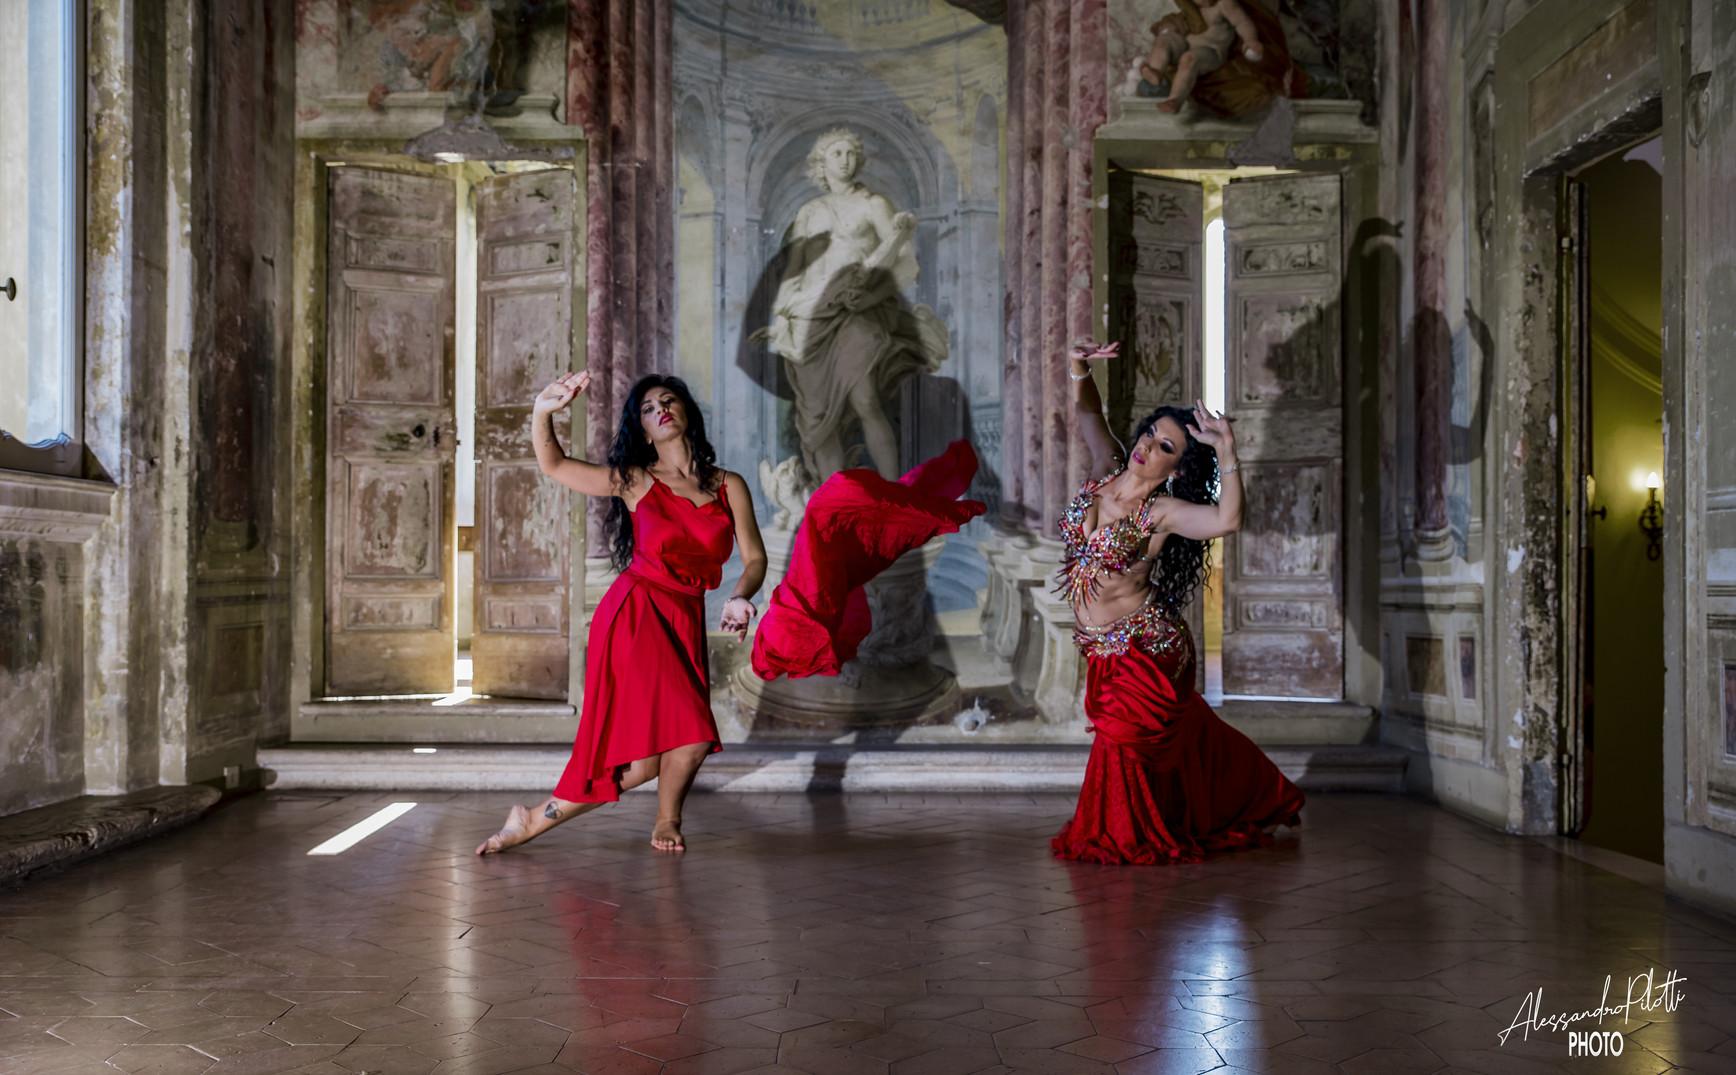 Dance For Your Dreams ( 2020) - Ph. Alessandro Pilotti